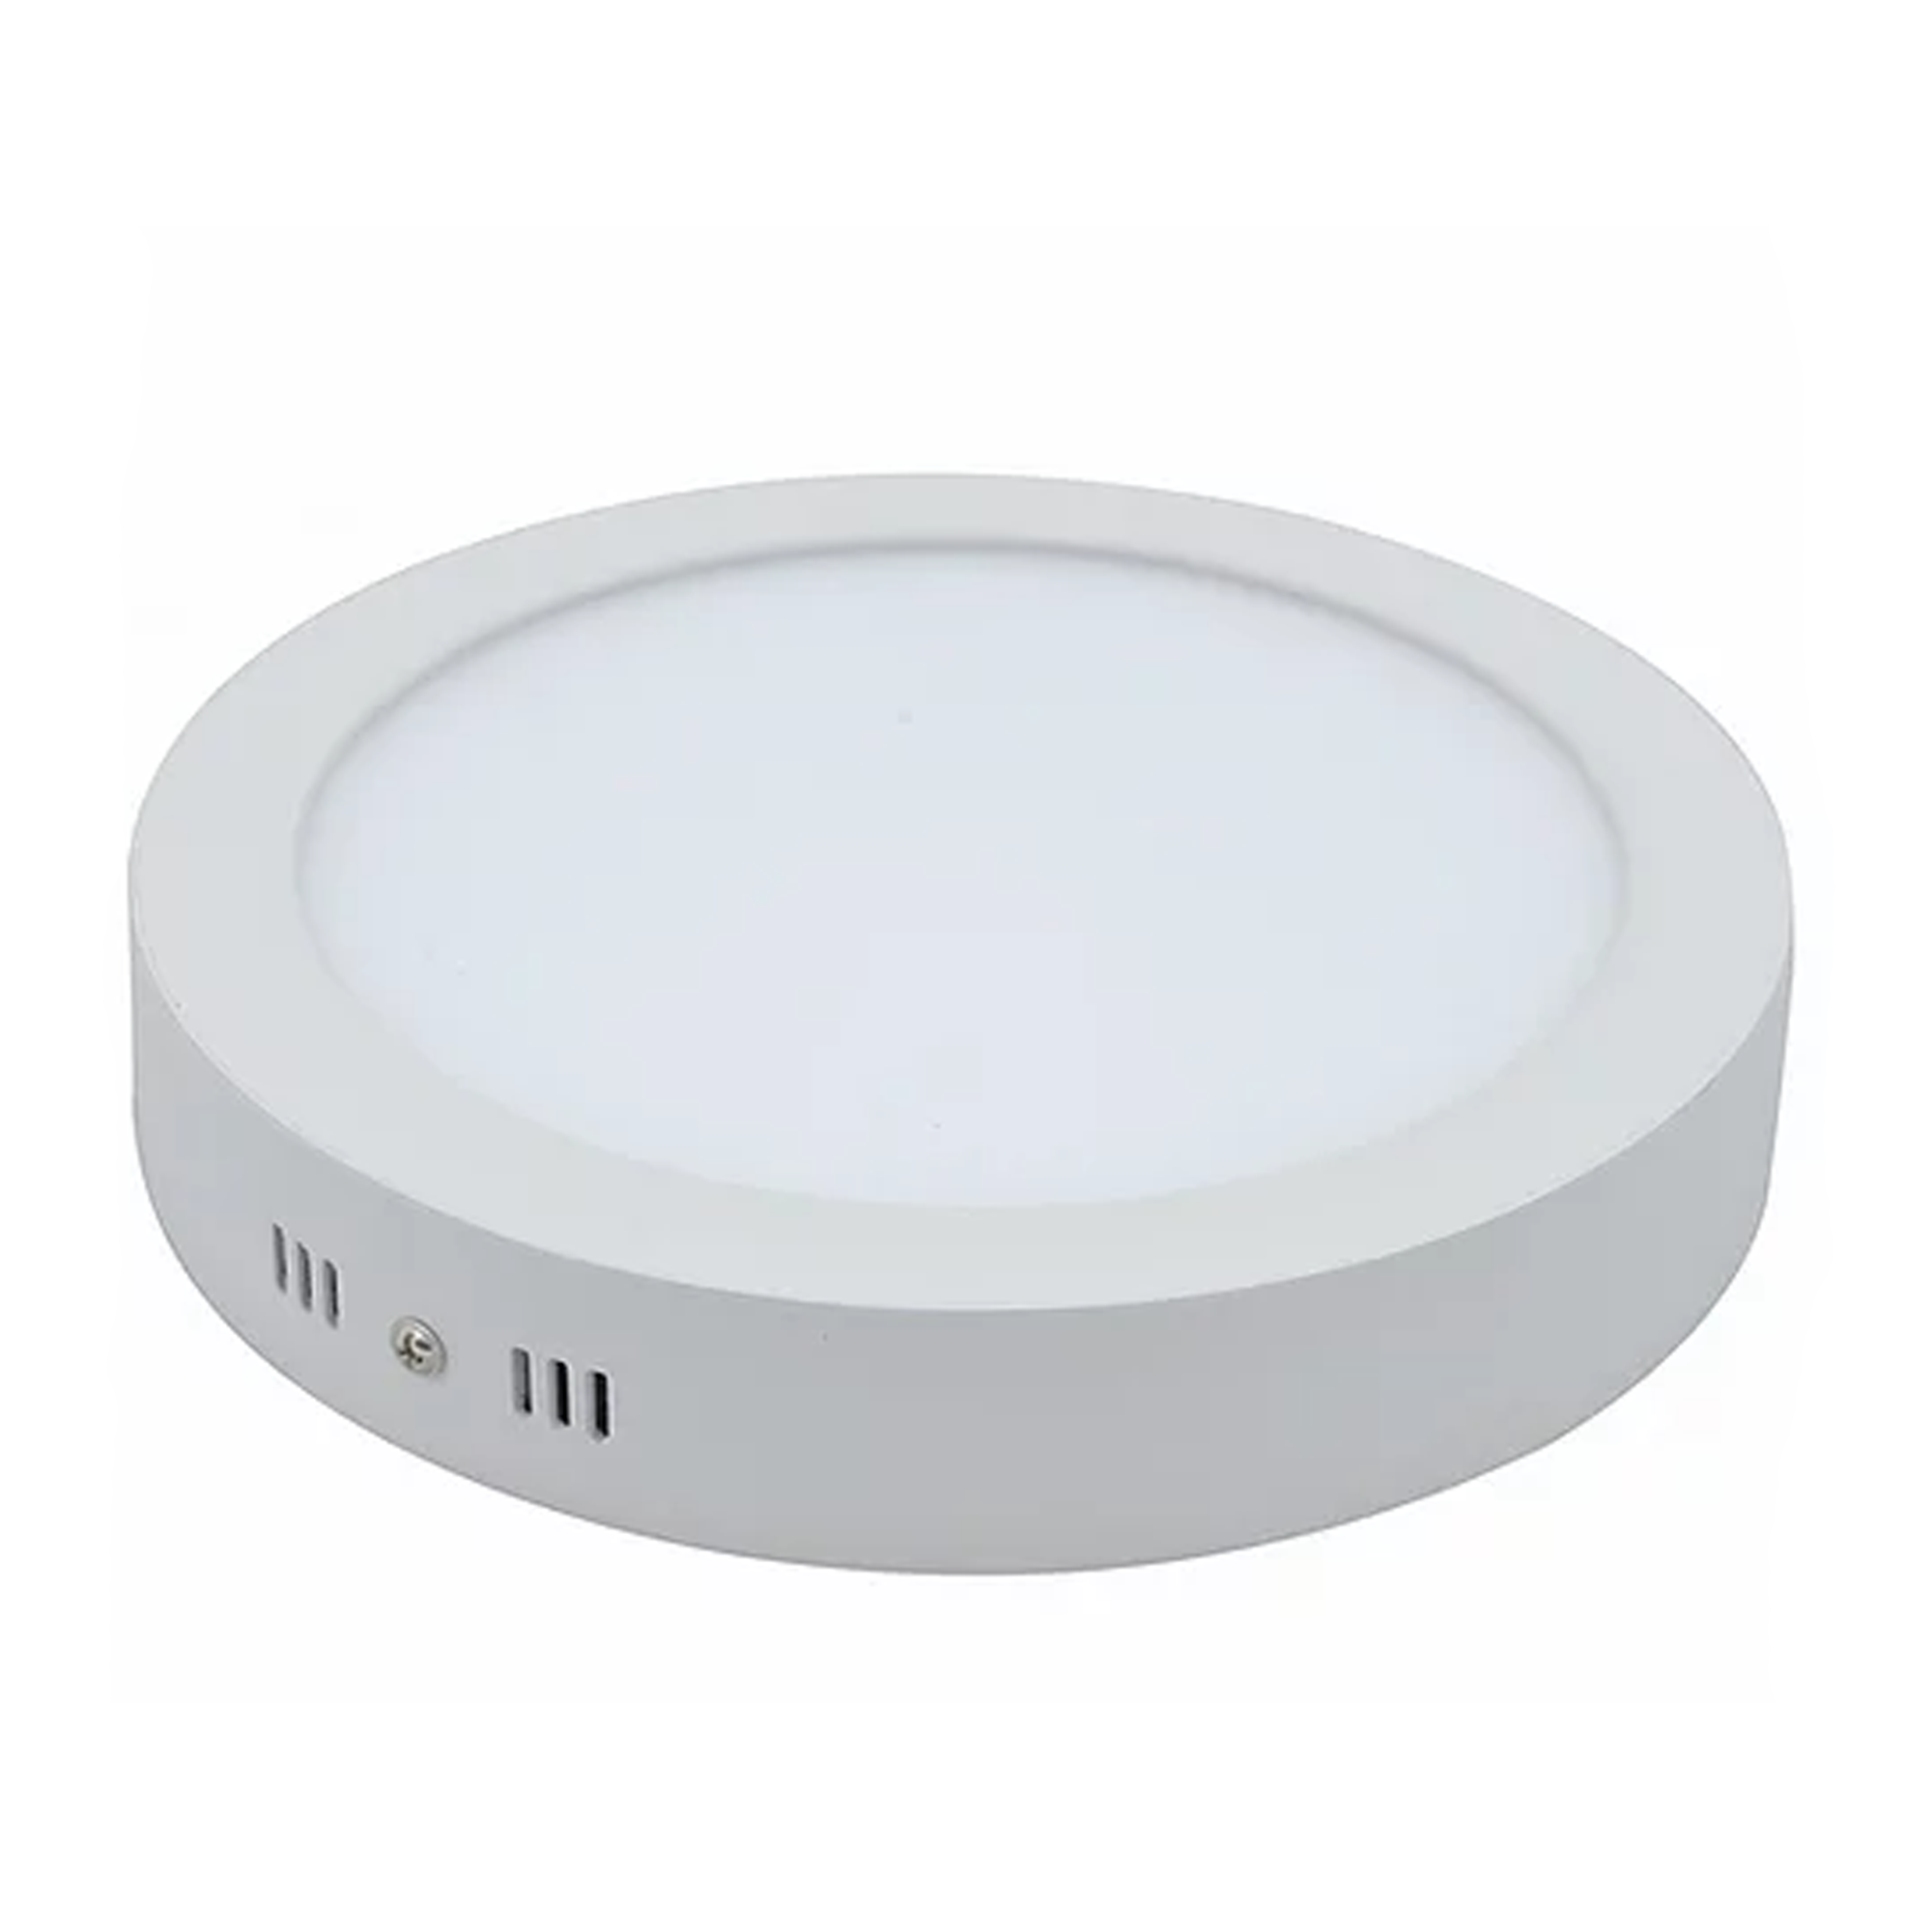 Plafon LED Sobrepor 18W Redondo / Branco Quente